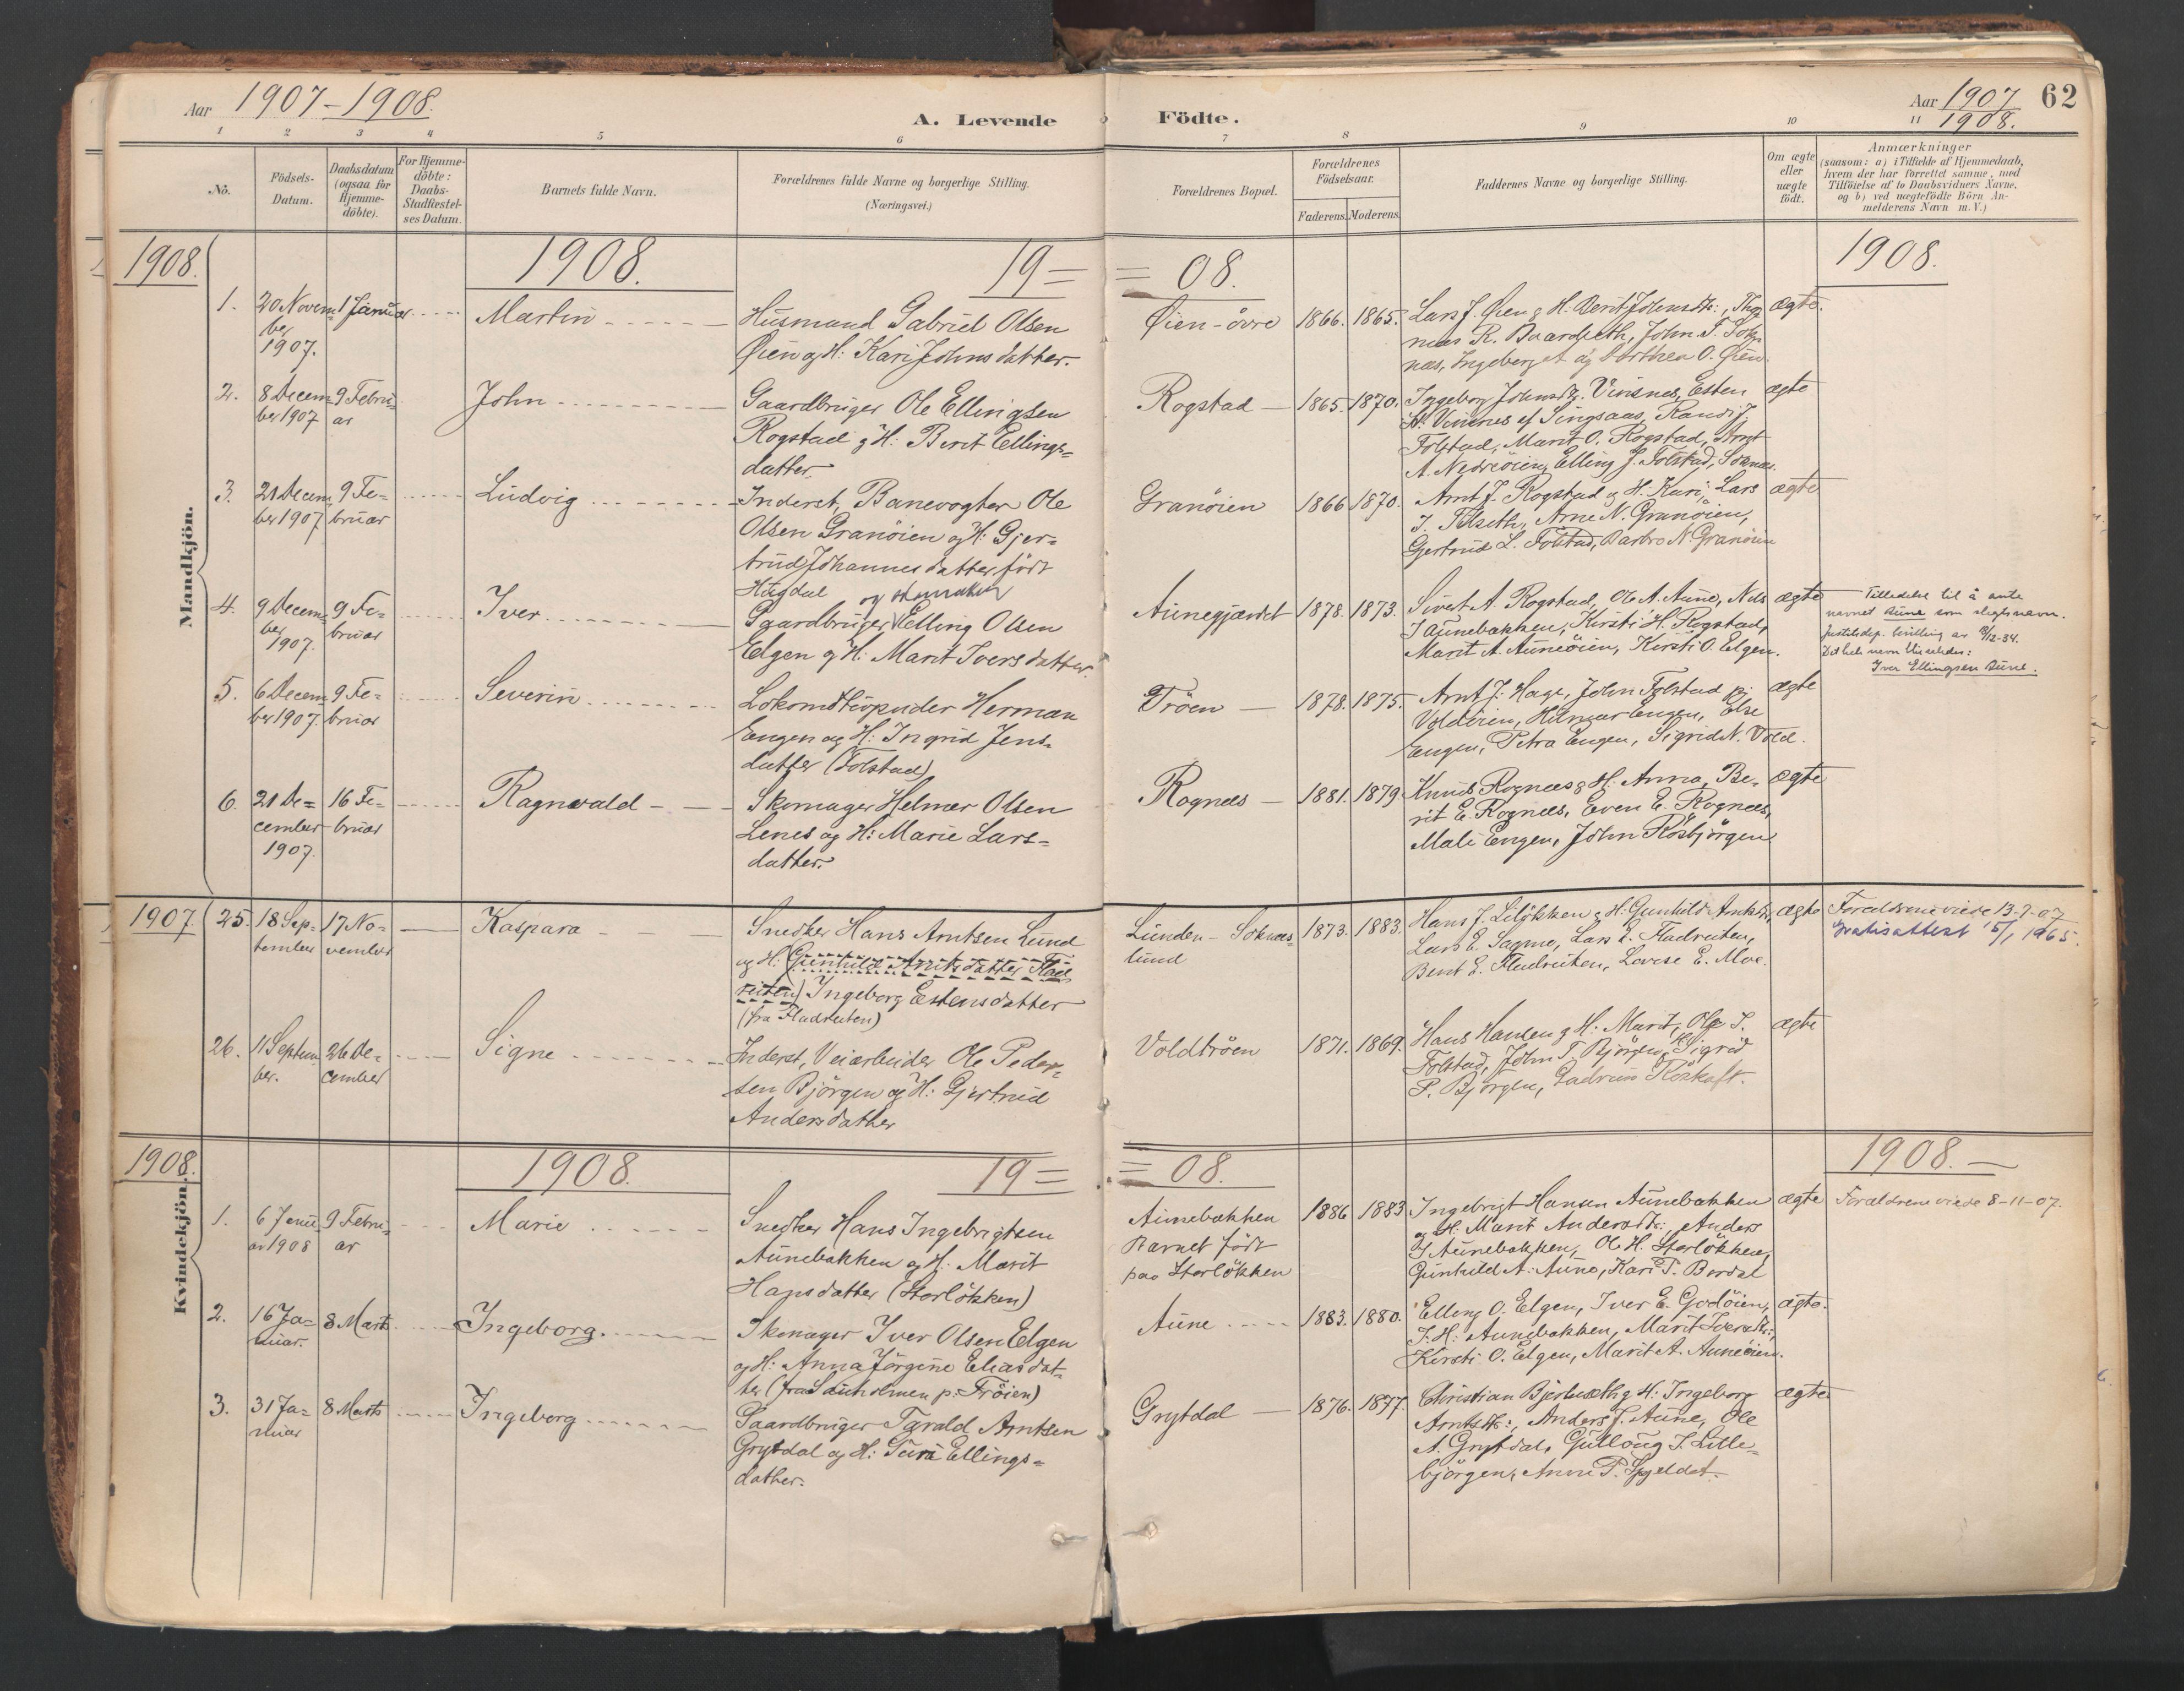 SAT, Ministerialprotokoller, klokkerbøker og fødselsregistre - Sør-Trøndelag, 687/L1004: Ministerialbok nr. 687A10, 1891-1923, s. 62